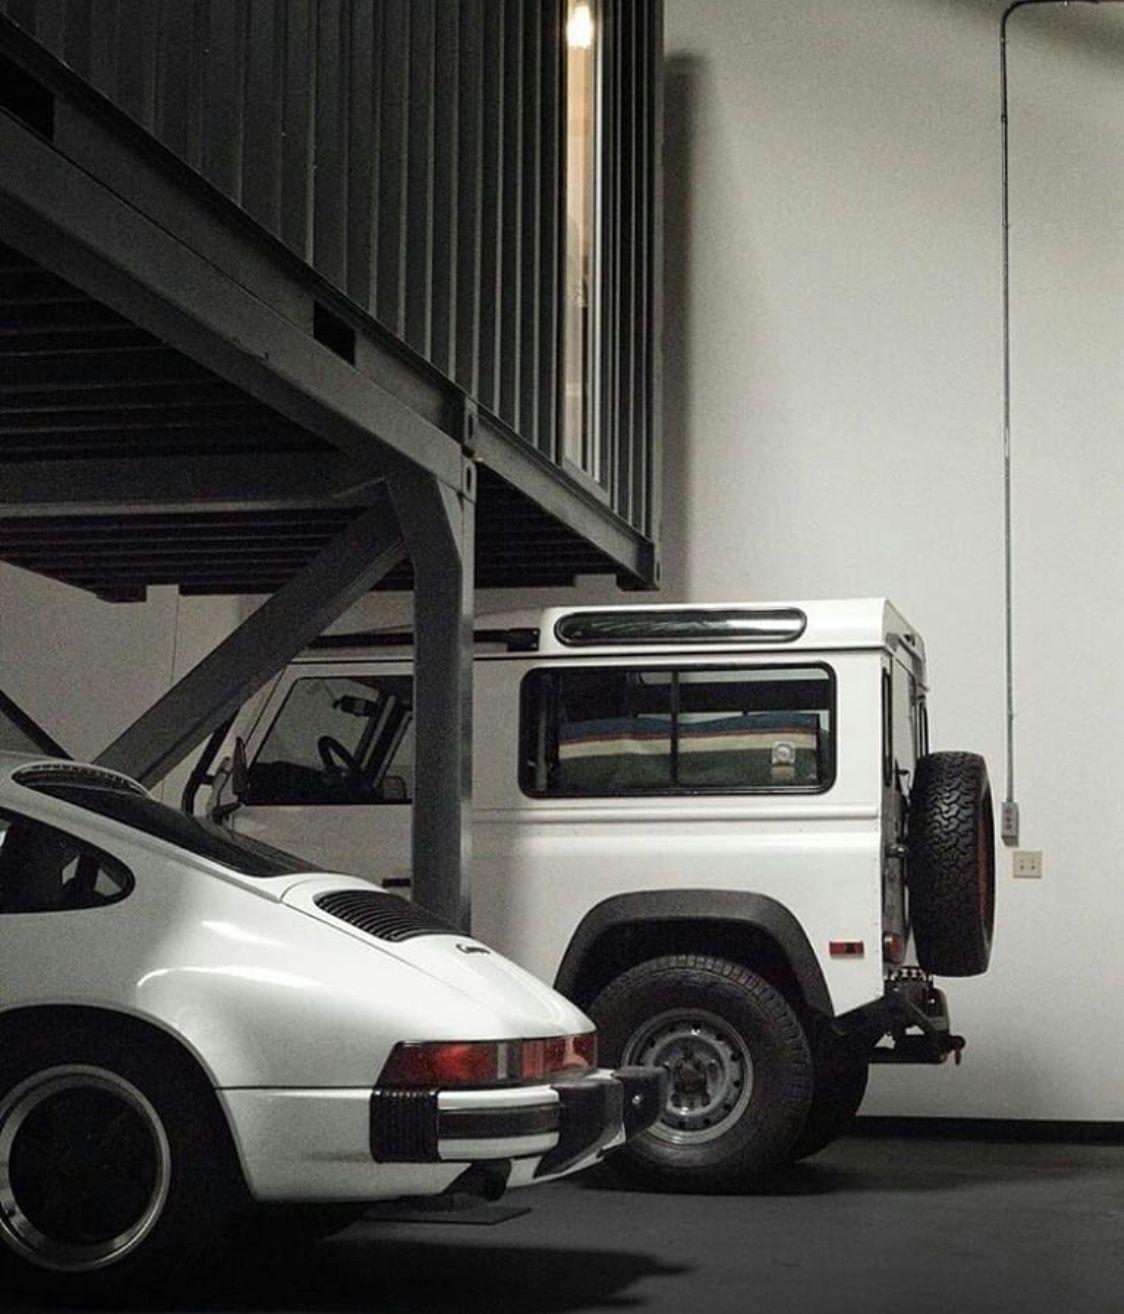 Porsche 930 And Defender Land Rover Defender Dream Garage Garage